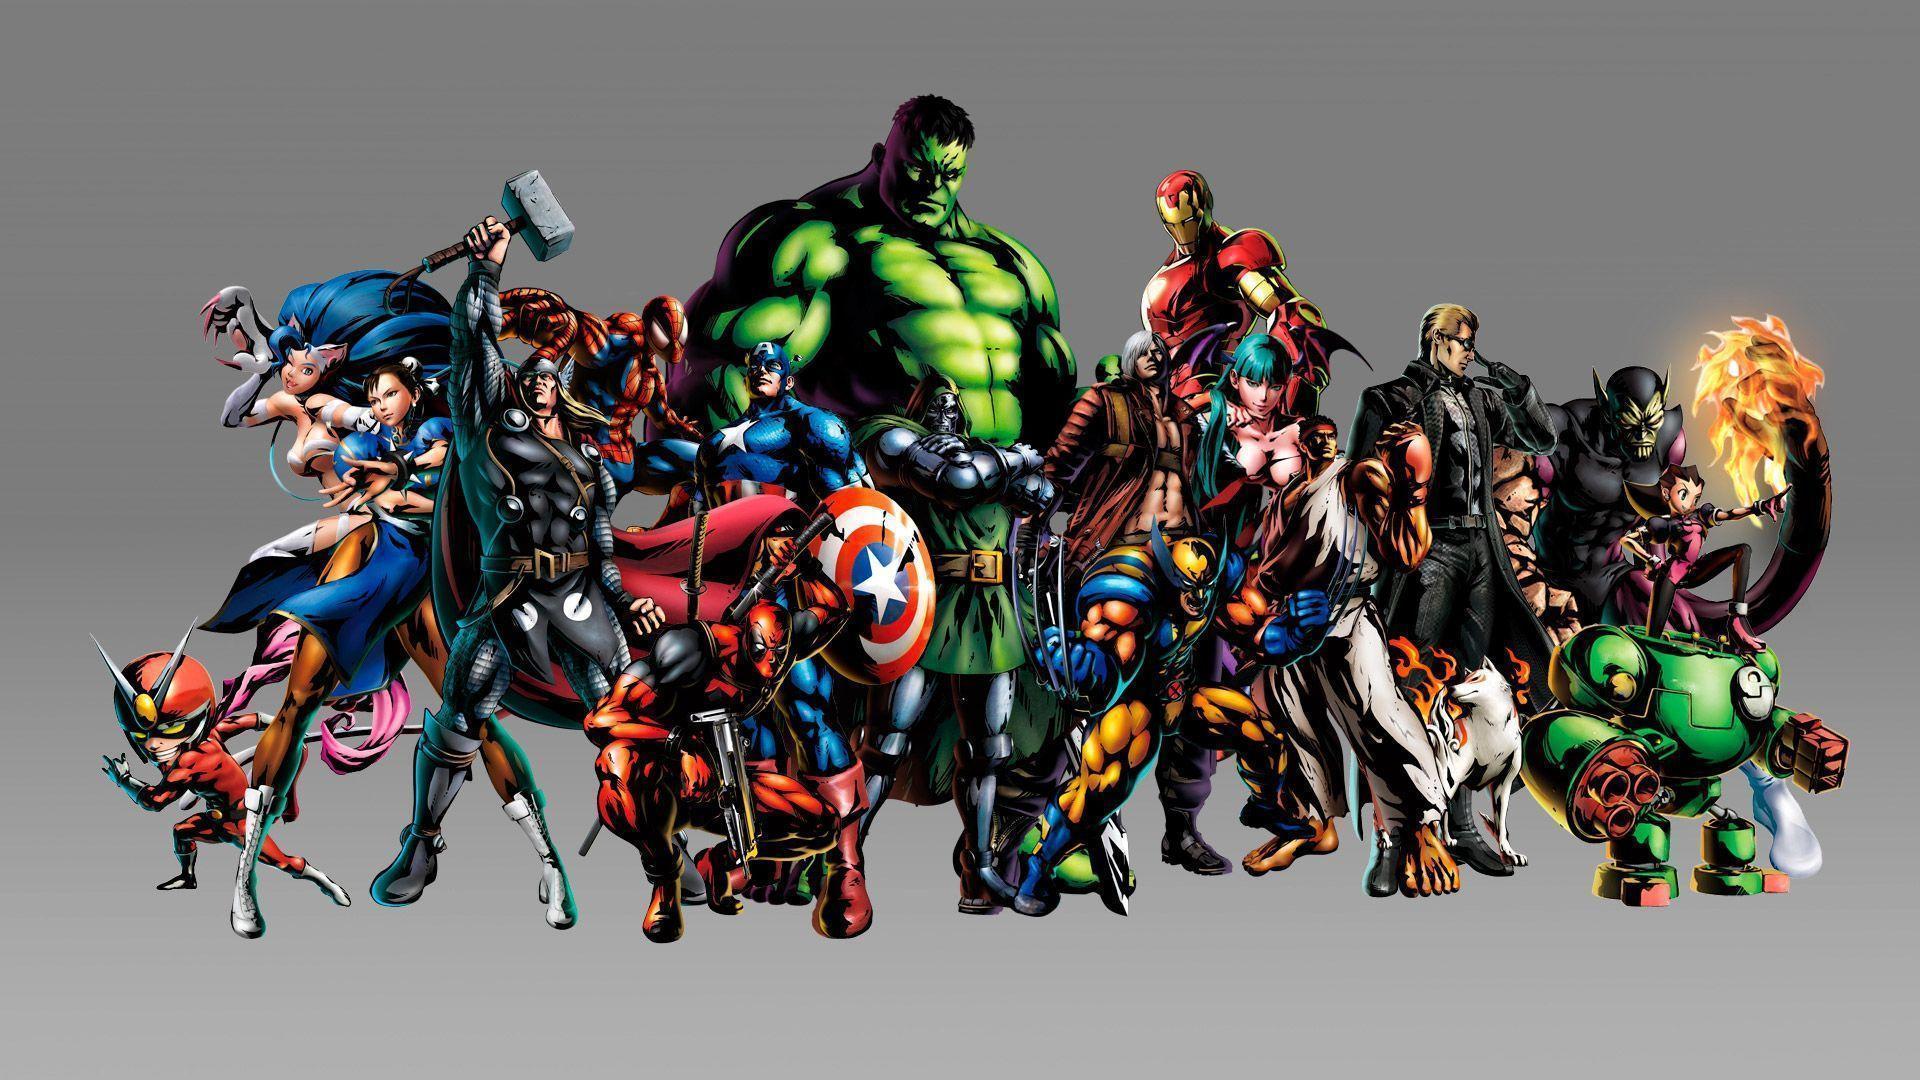 Marvel vs Capcom 3 | MVC 3 Wallpapers in HD